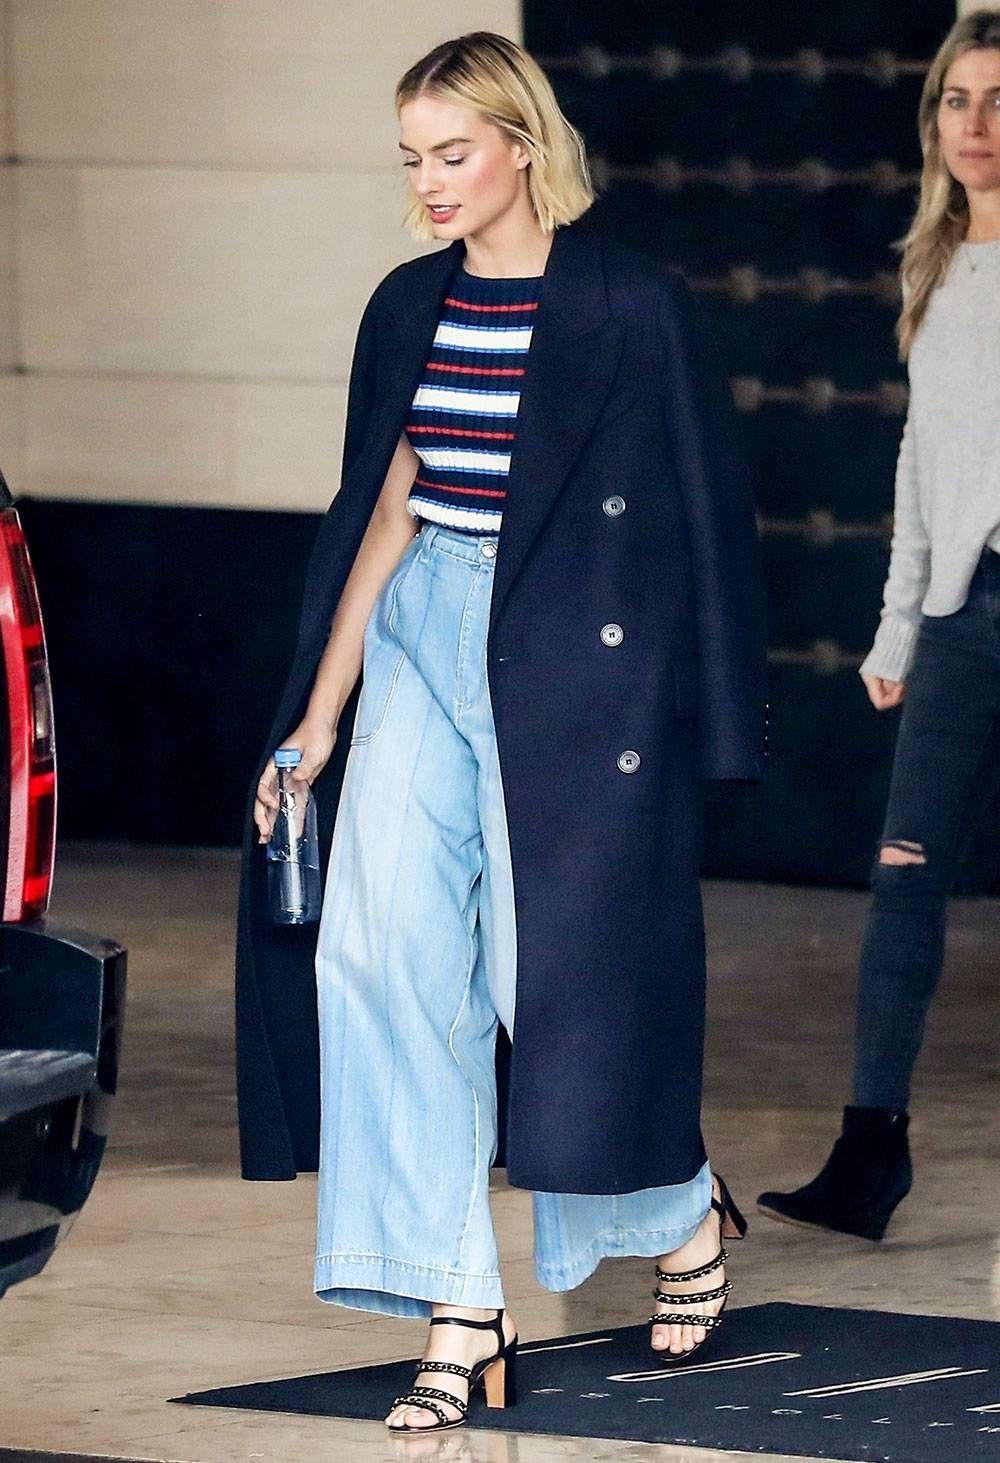 cách phối đồ của margot robbie với áo thun kẻ, quần jeans và áo trench coat